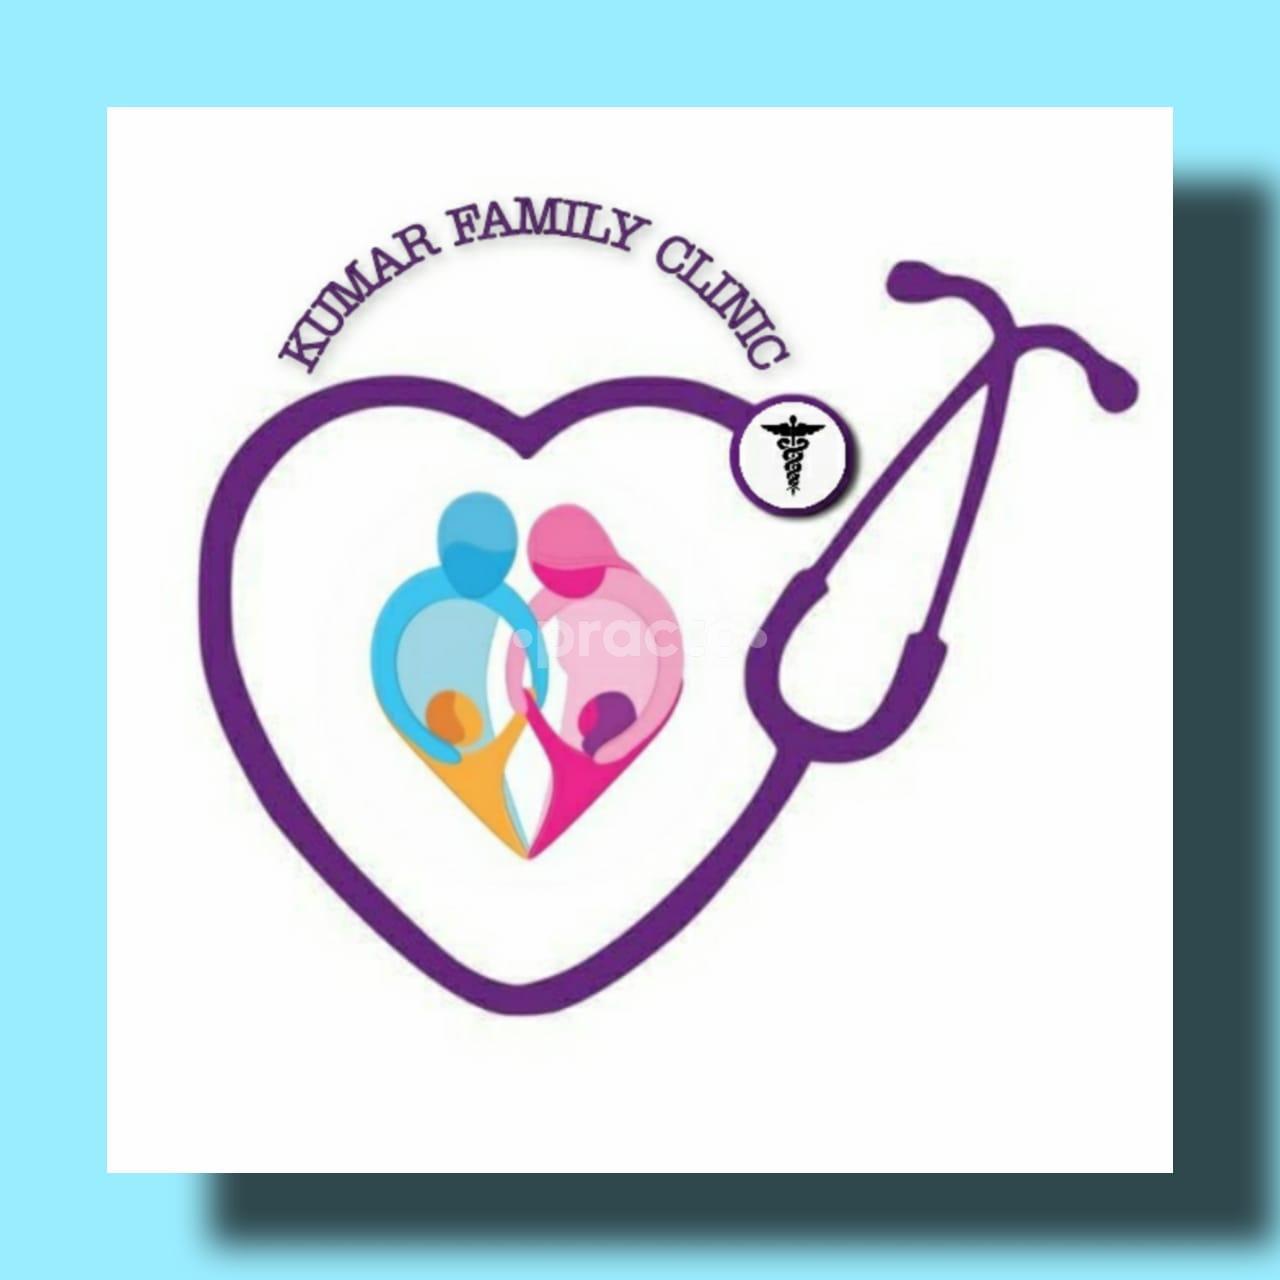 Kumar Family Clinic